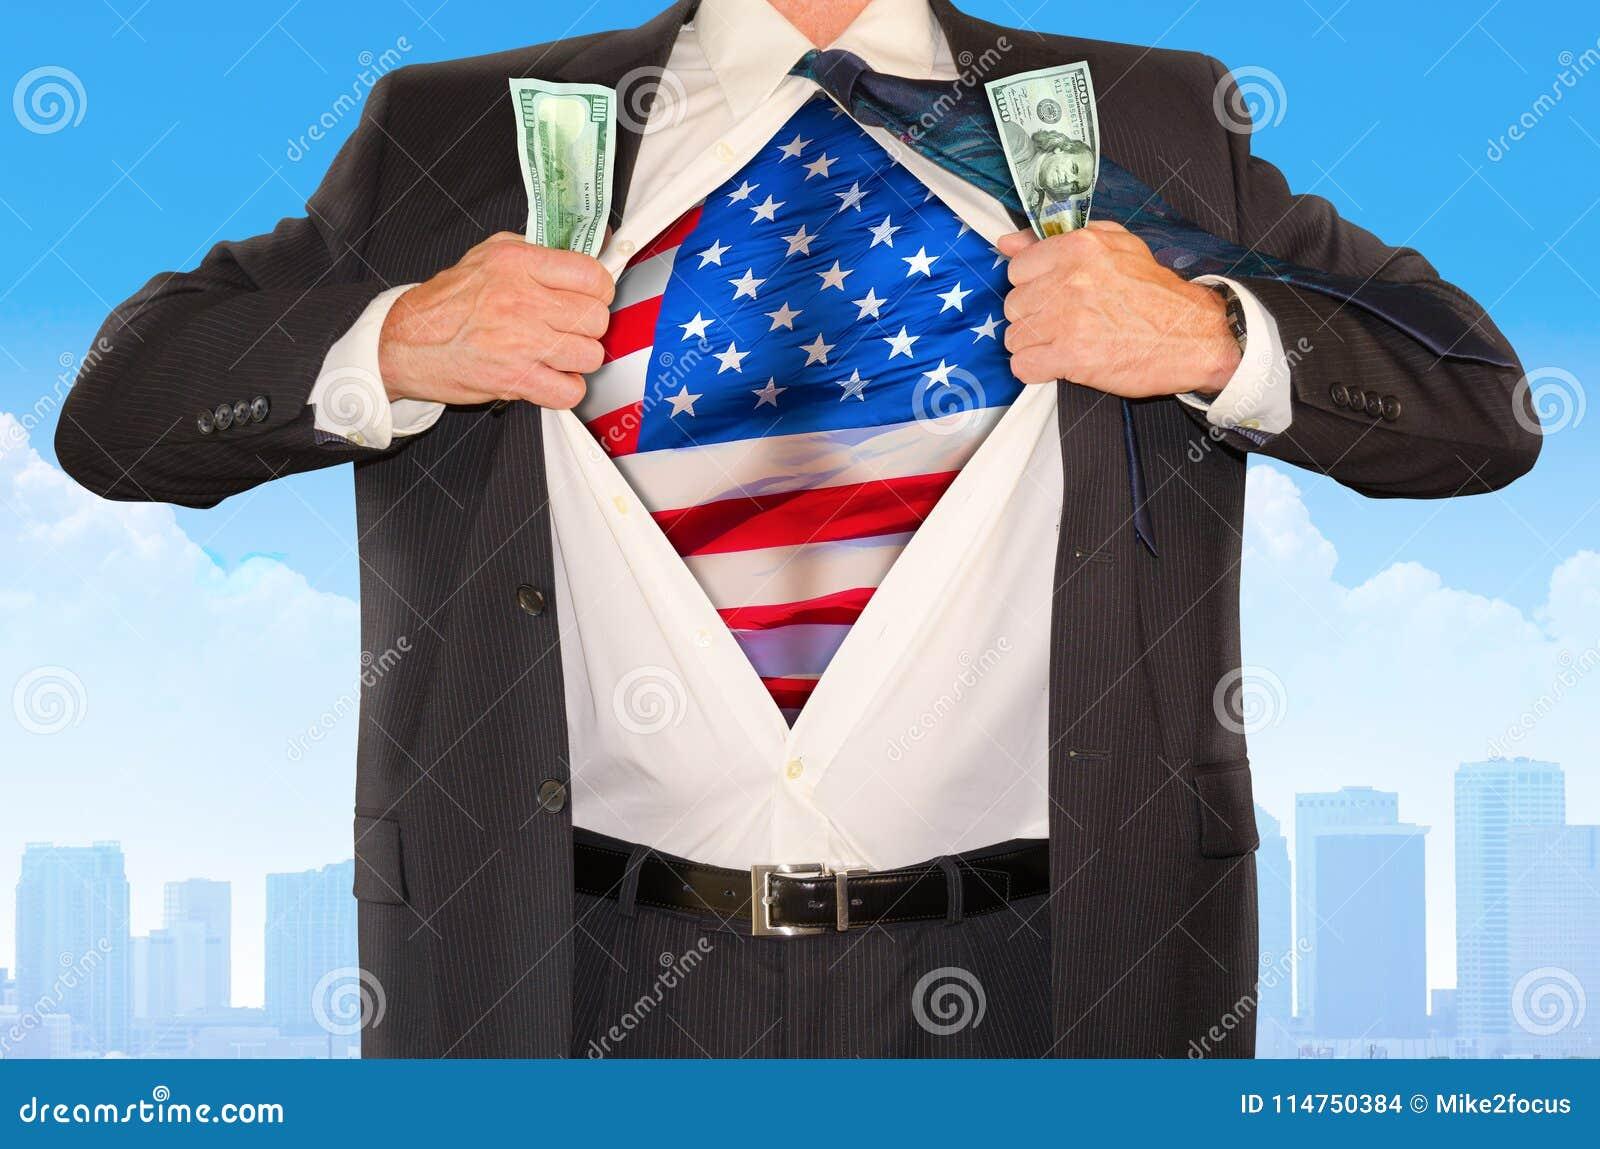 Супергерой бизнесмена схватывая деньги и раскрывая рубашку для того чтобы показать флаг Соединенных Штатов Америки